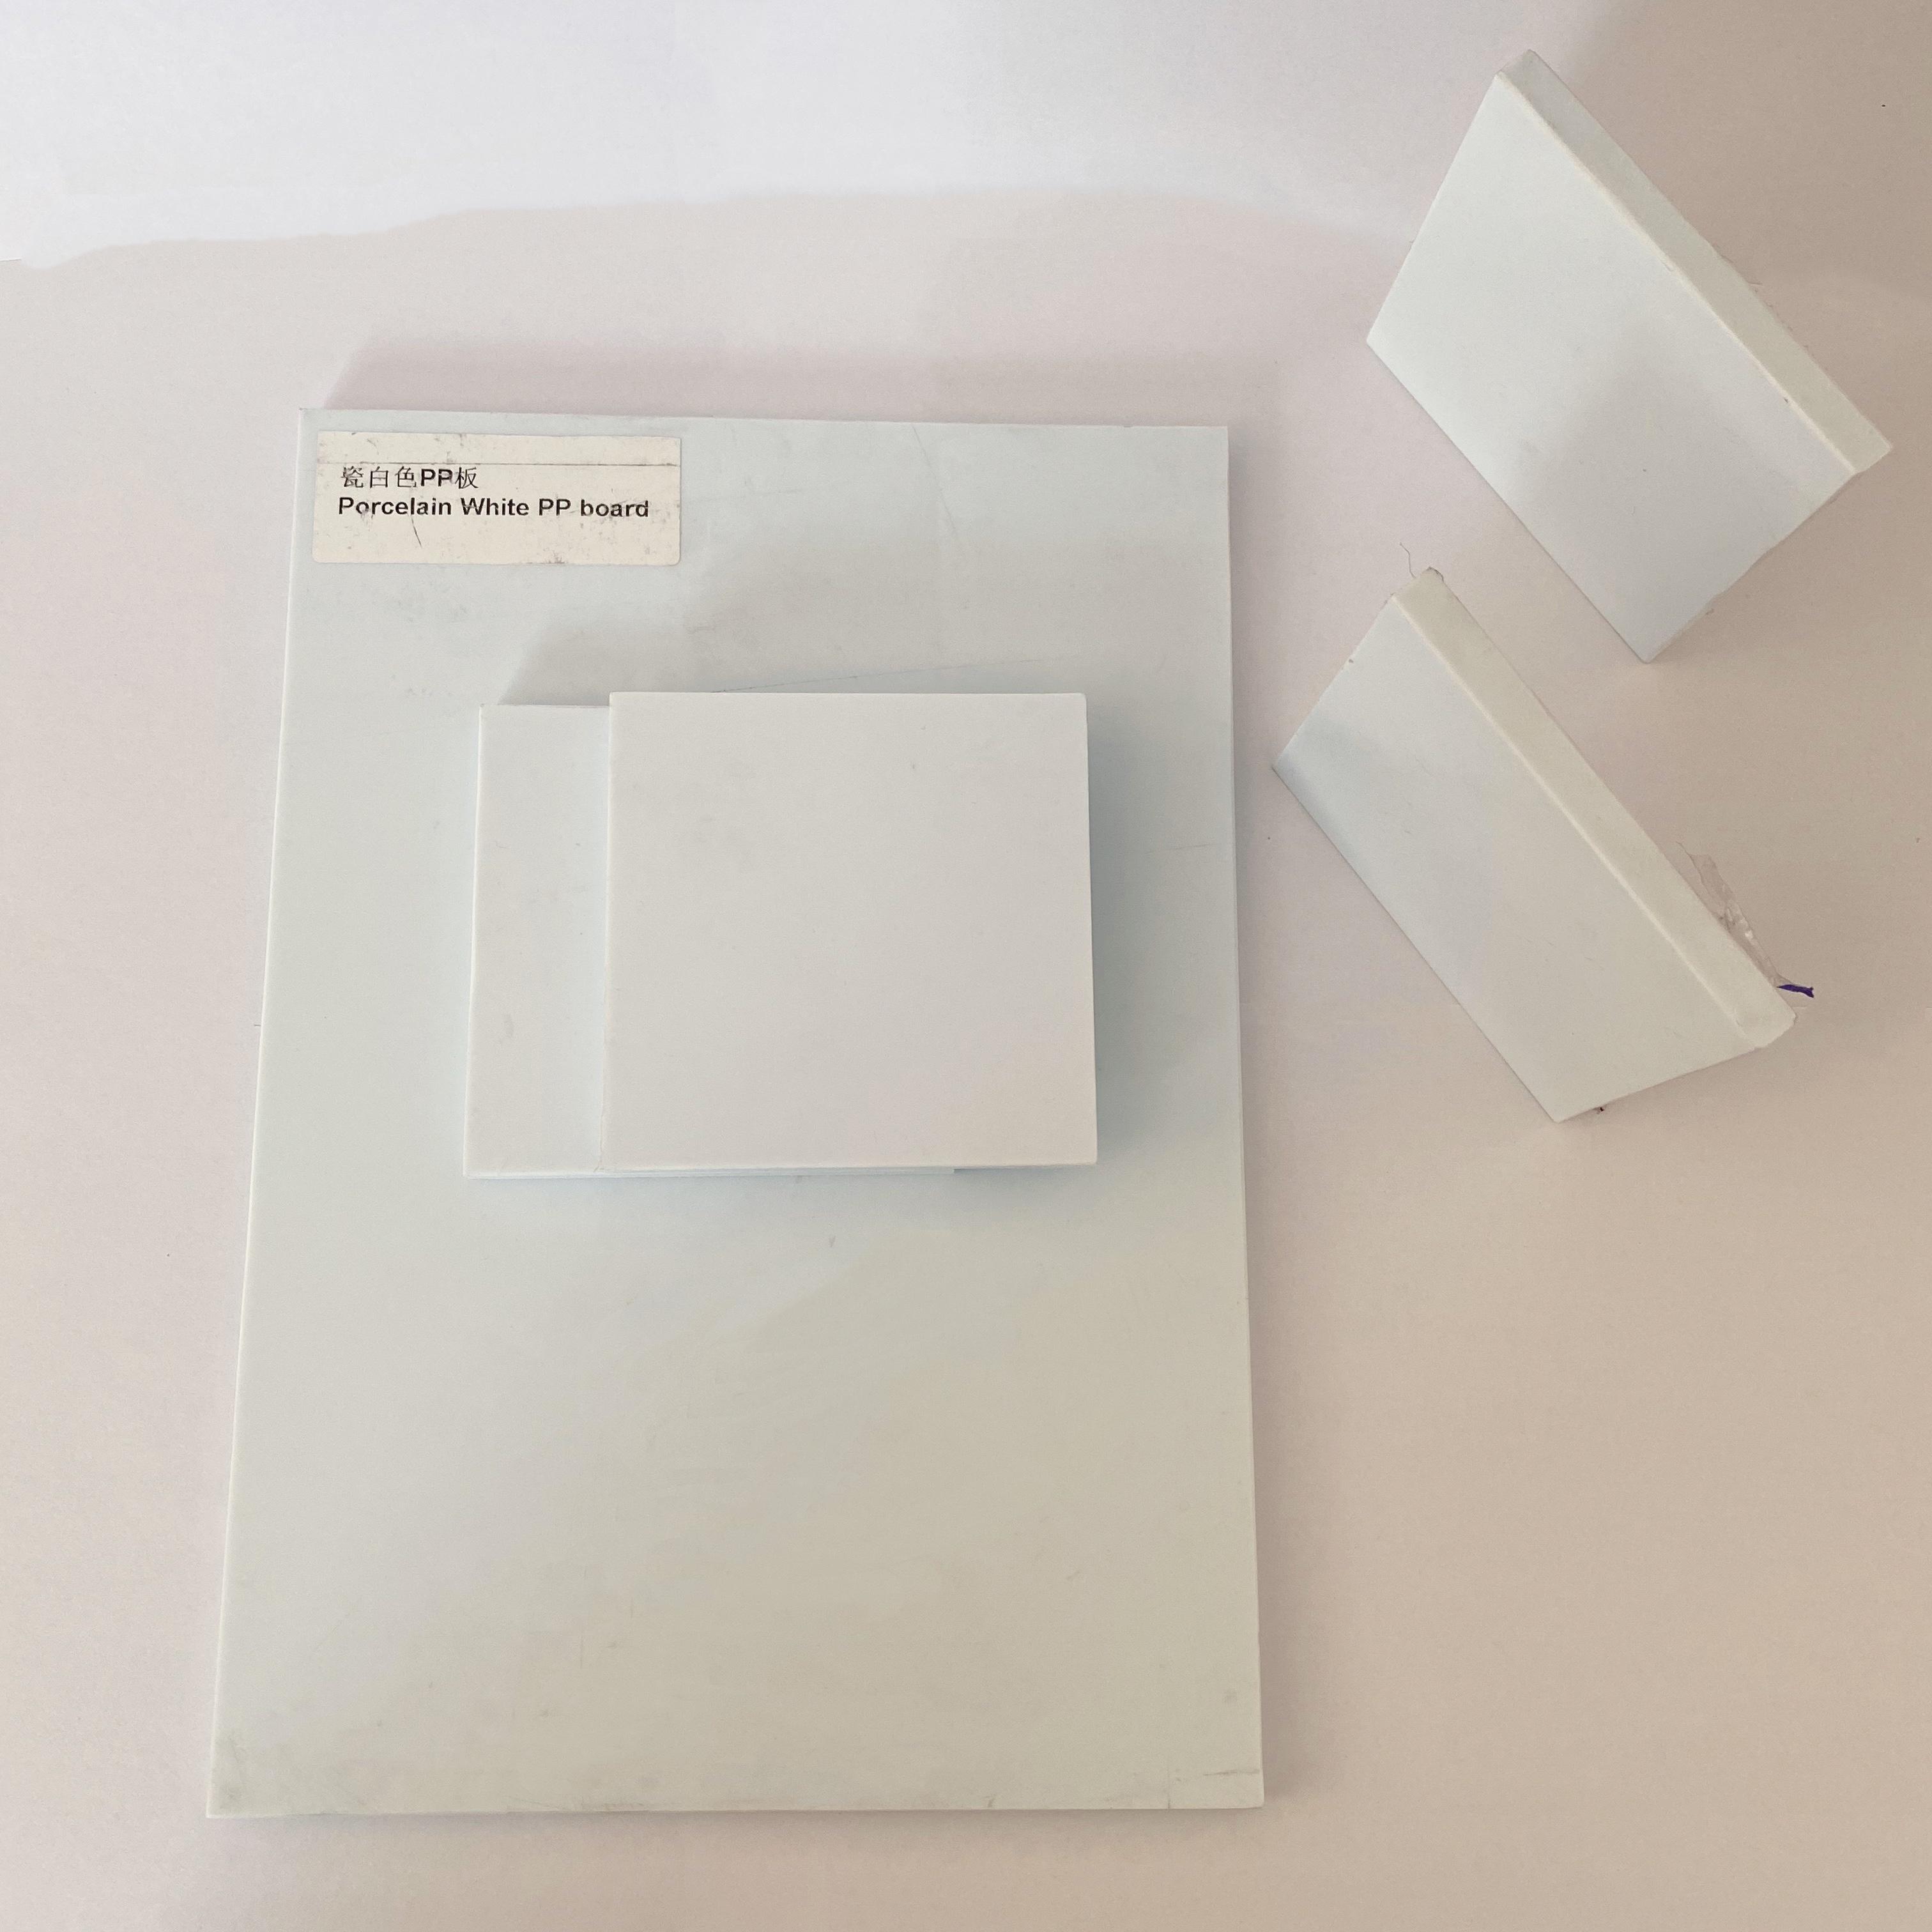 瓷白色PP板